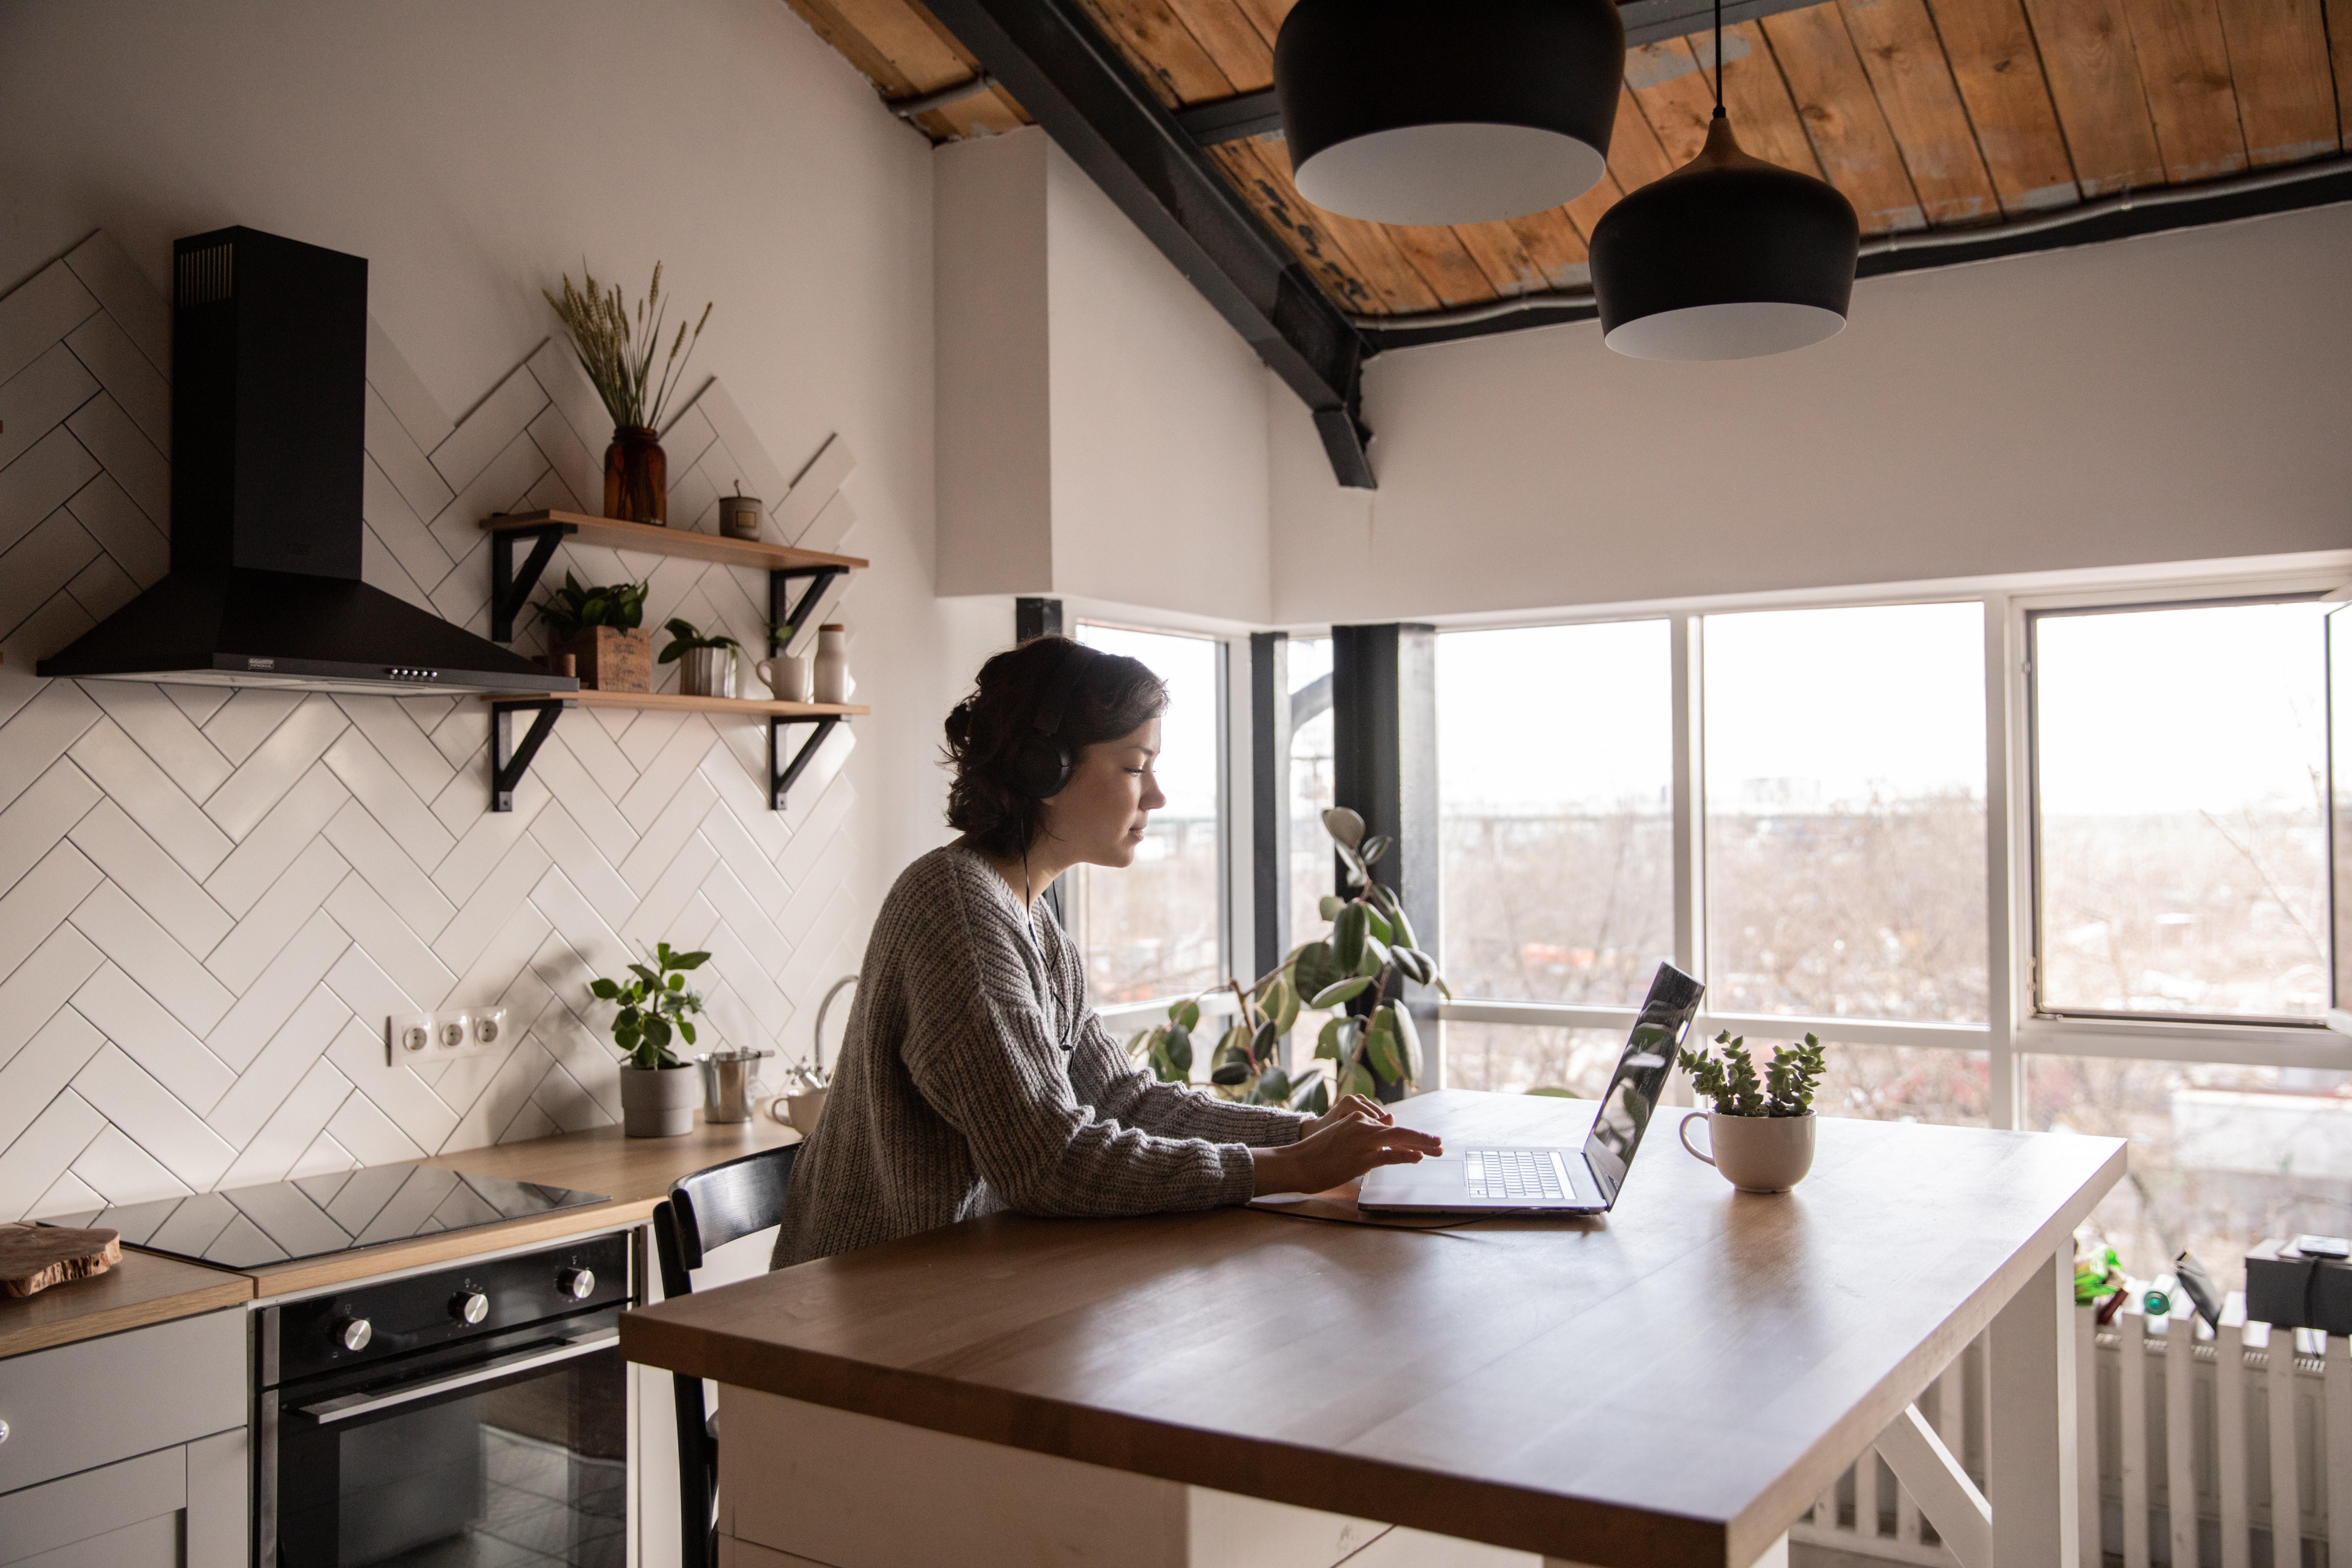 étudiante qui travaille sur son ordinateur